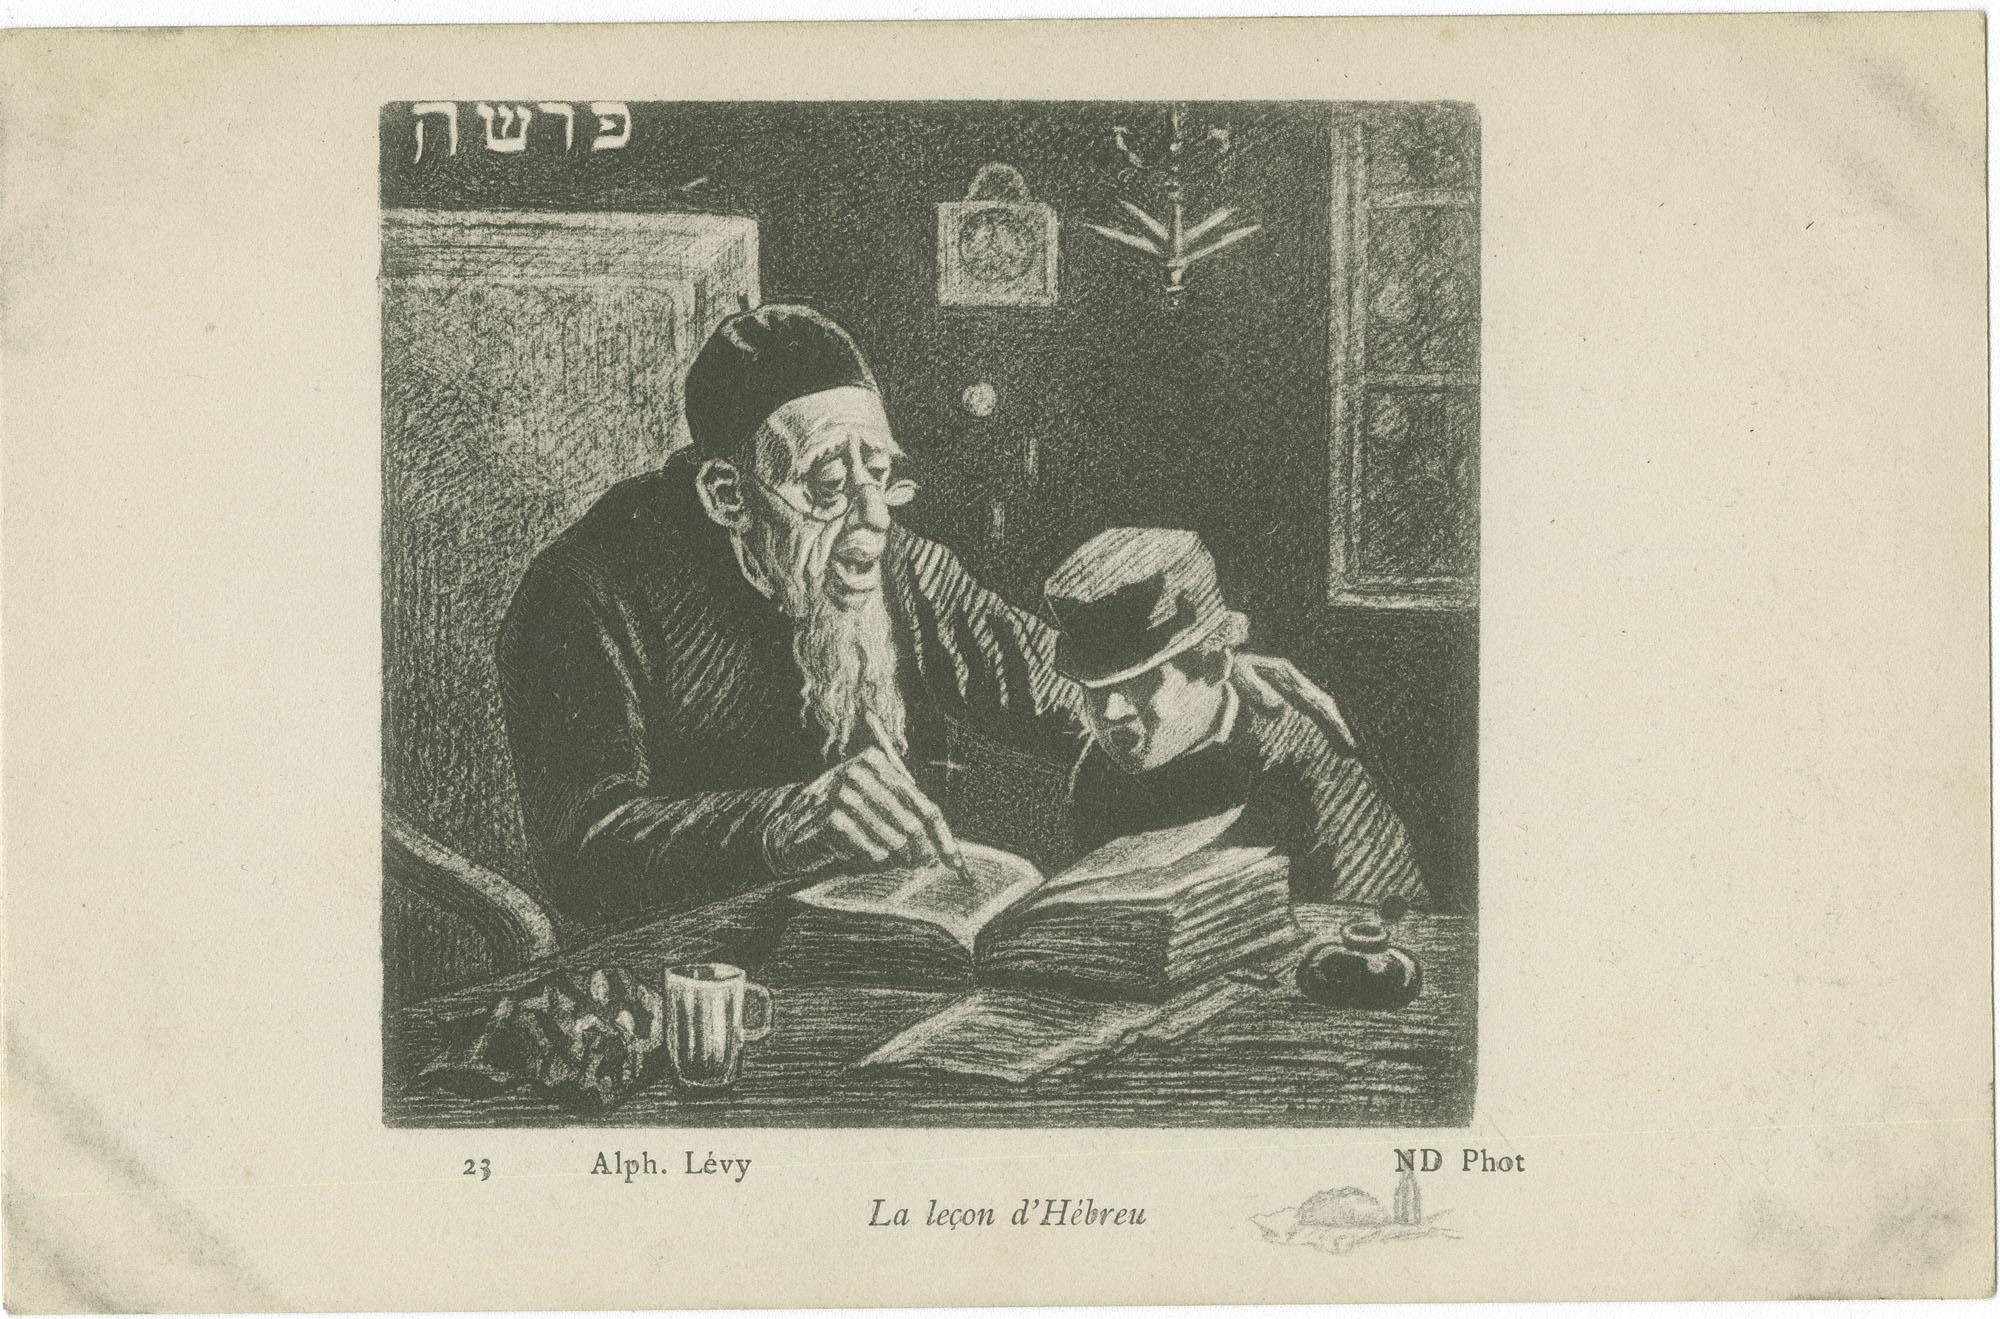 La leçon d'Hébreu